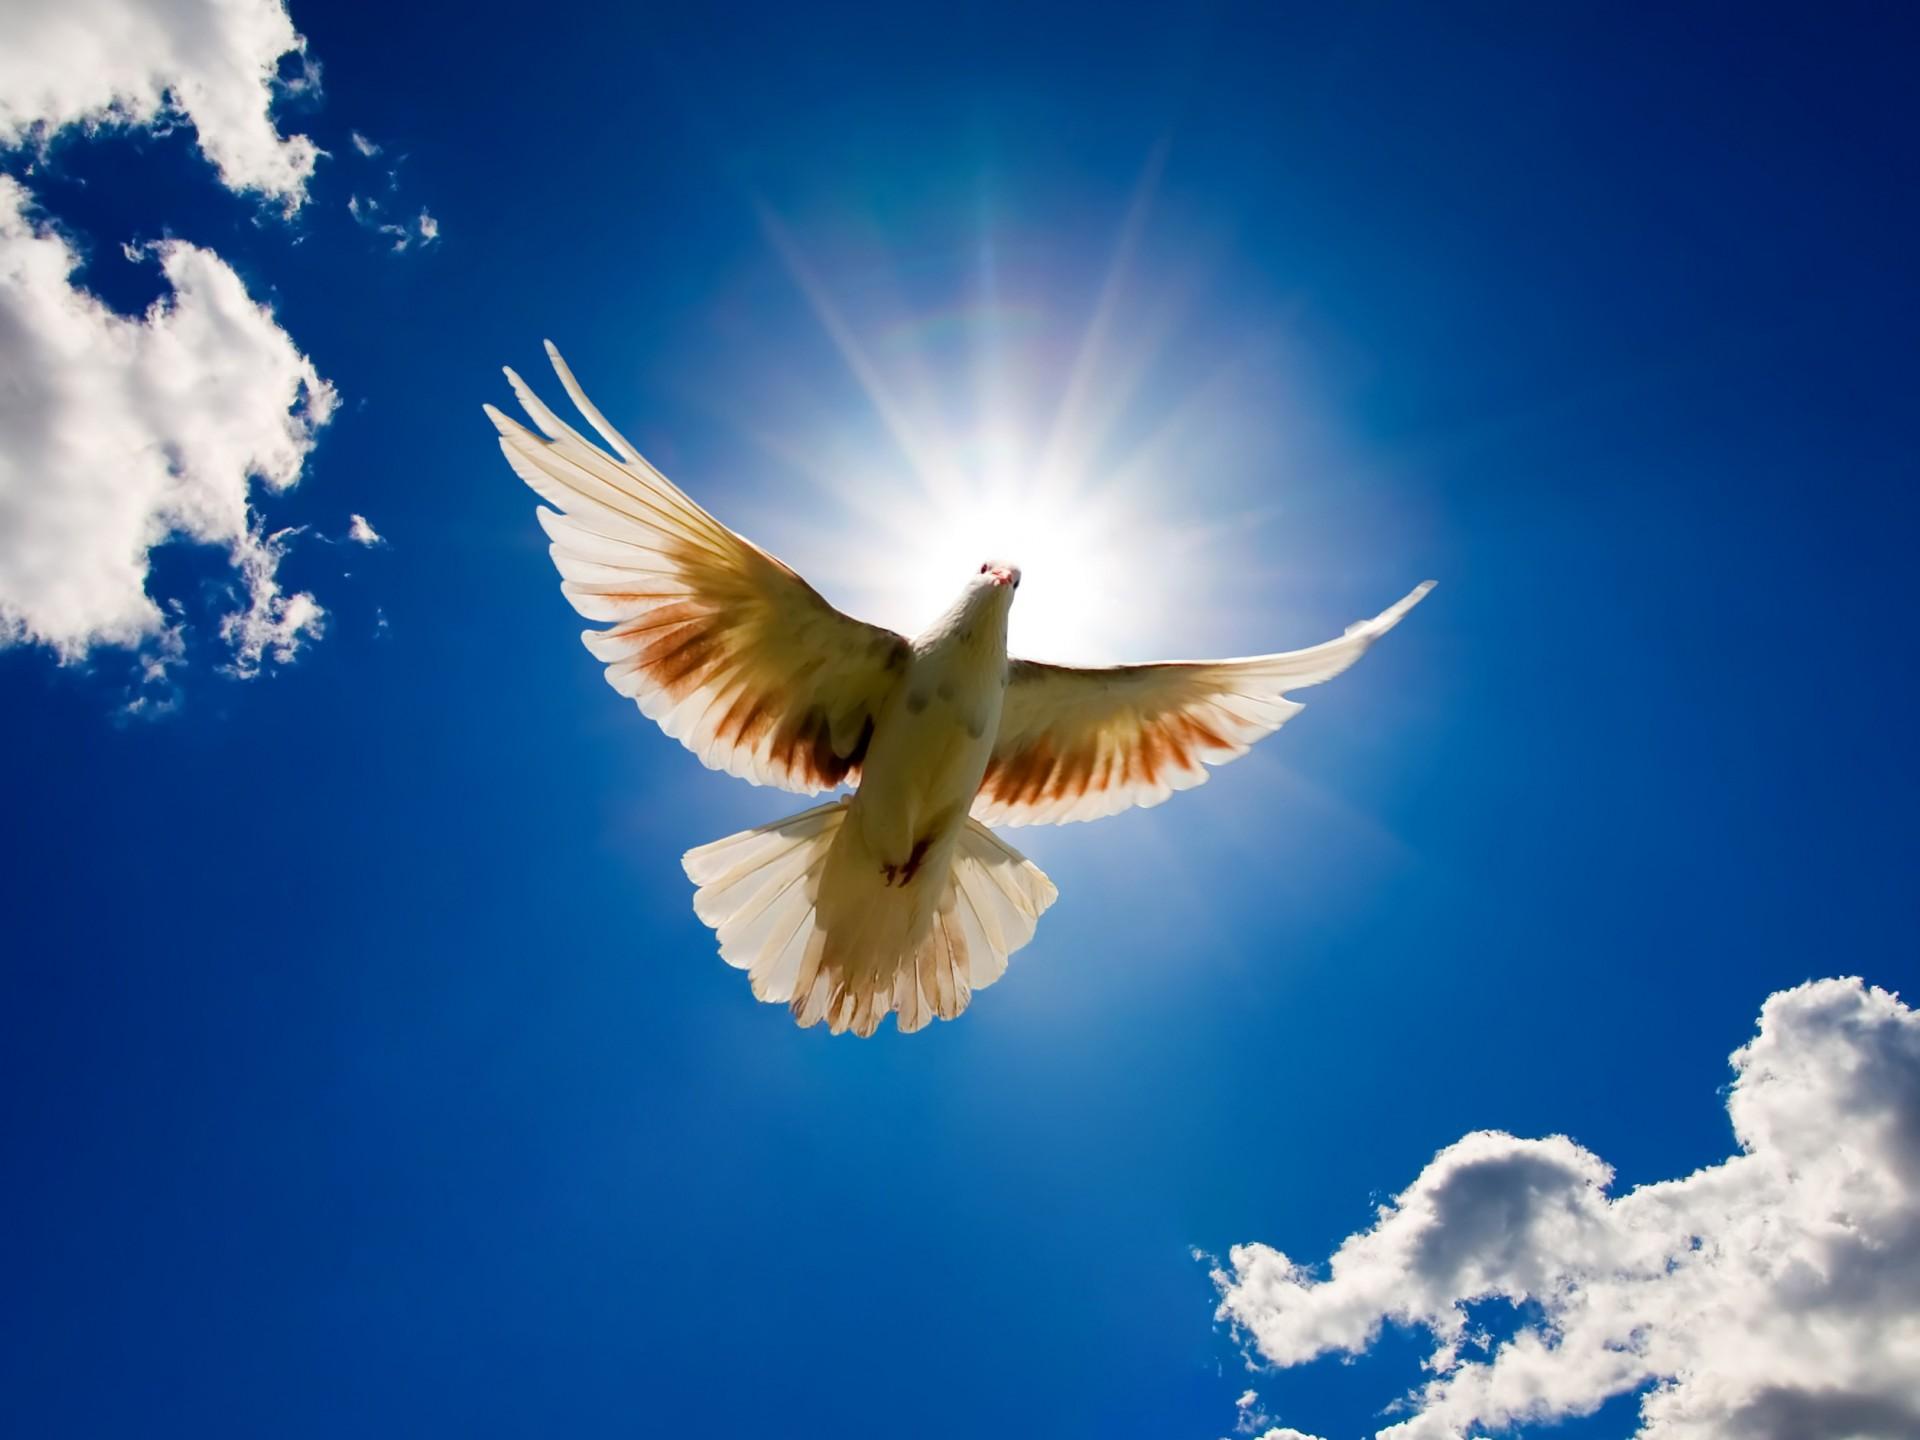 голубь в небе, красивые обои